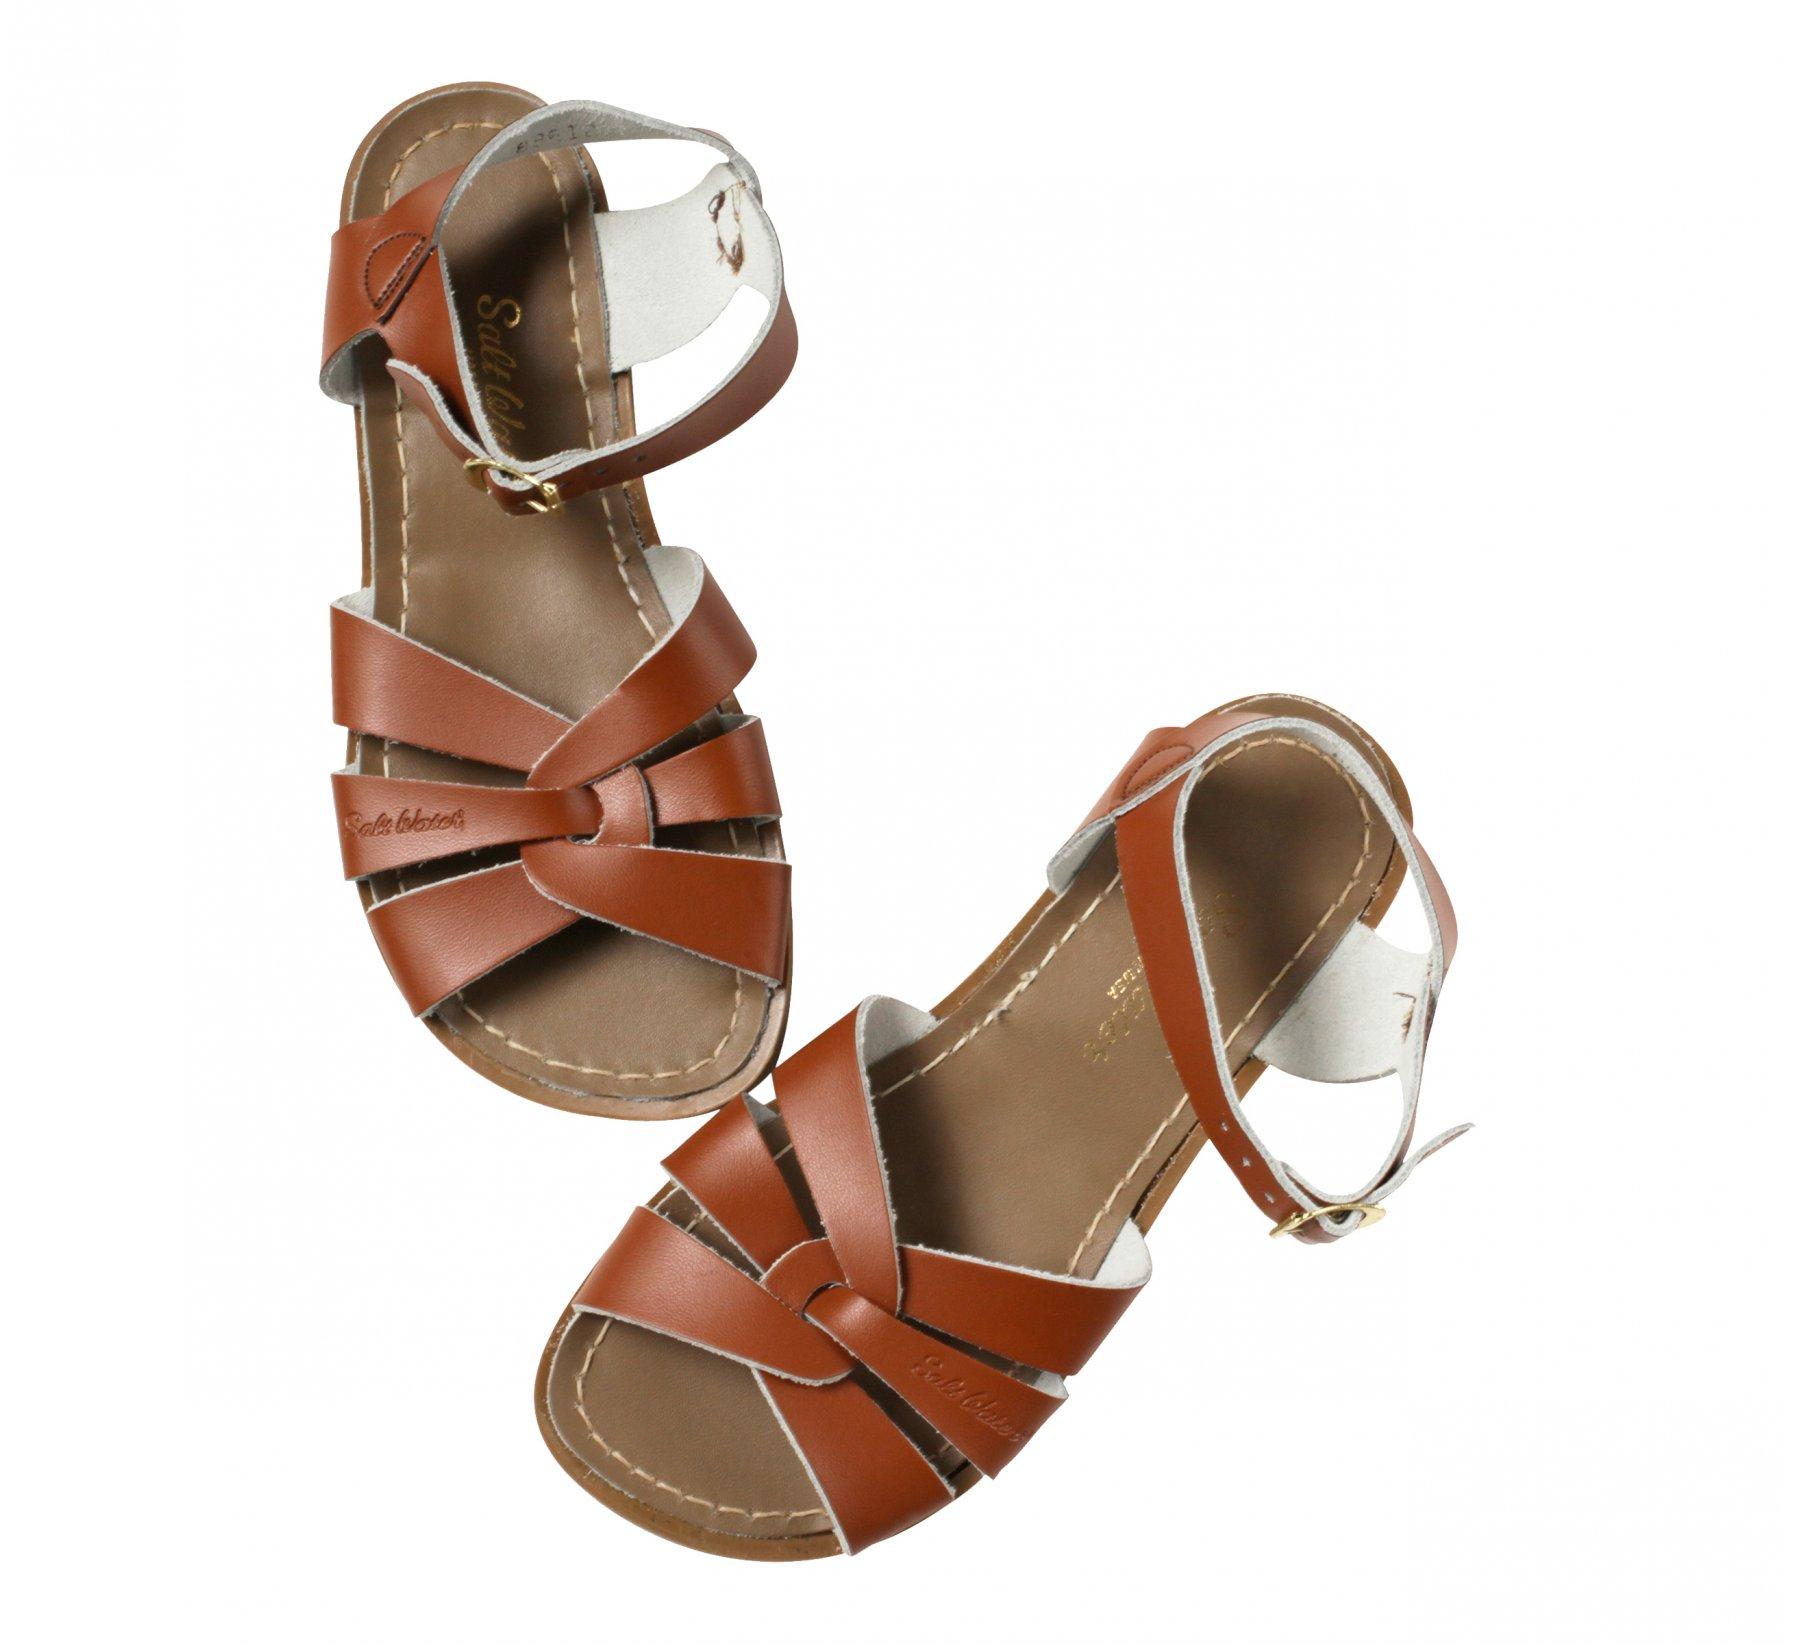 Original in Lohbraun - Salt Water Sandals